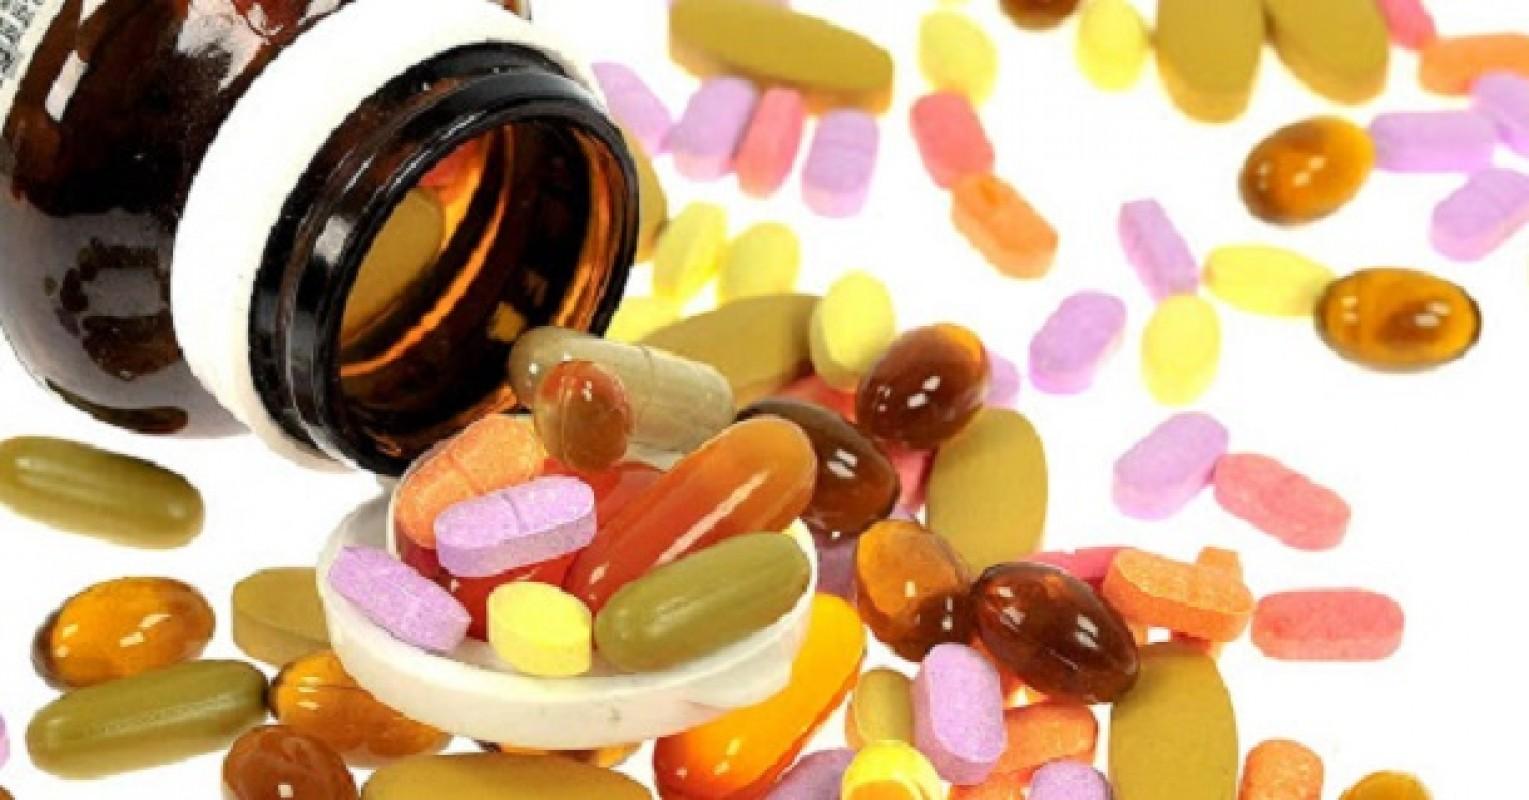 Cách Uống Kết Hợp Các Loại Vitamin Để Đạt Hiệu Quả Tối Đa